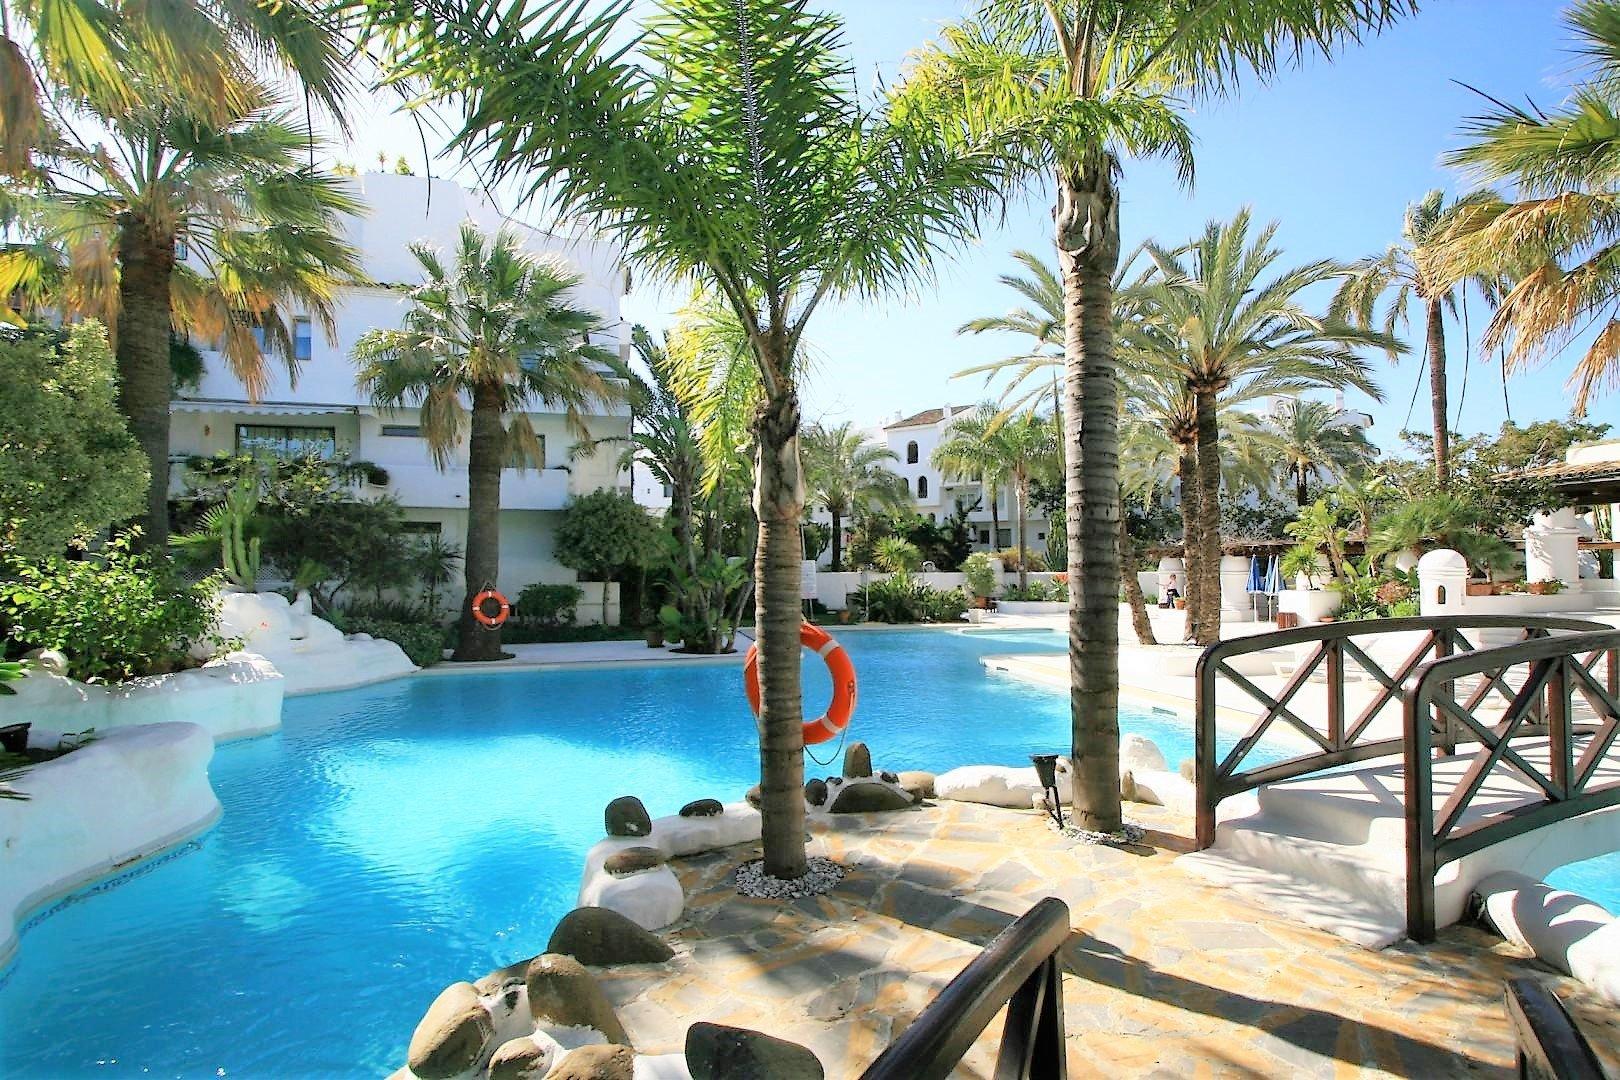 Apartment for sale in Marbella, La Isla